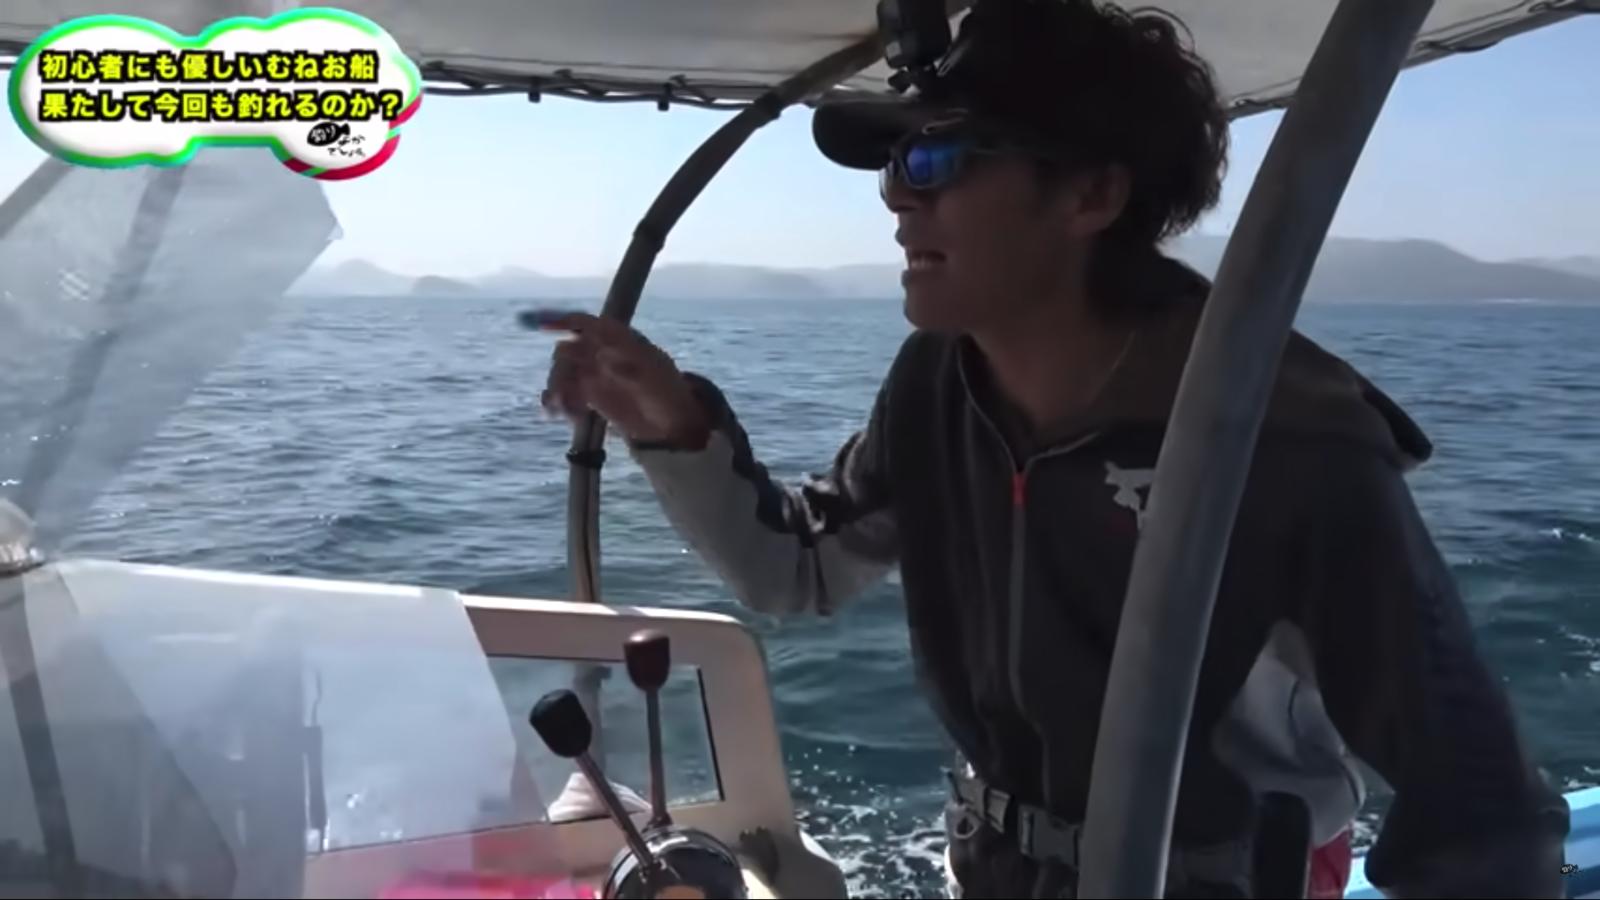 大野 釣りよか